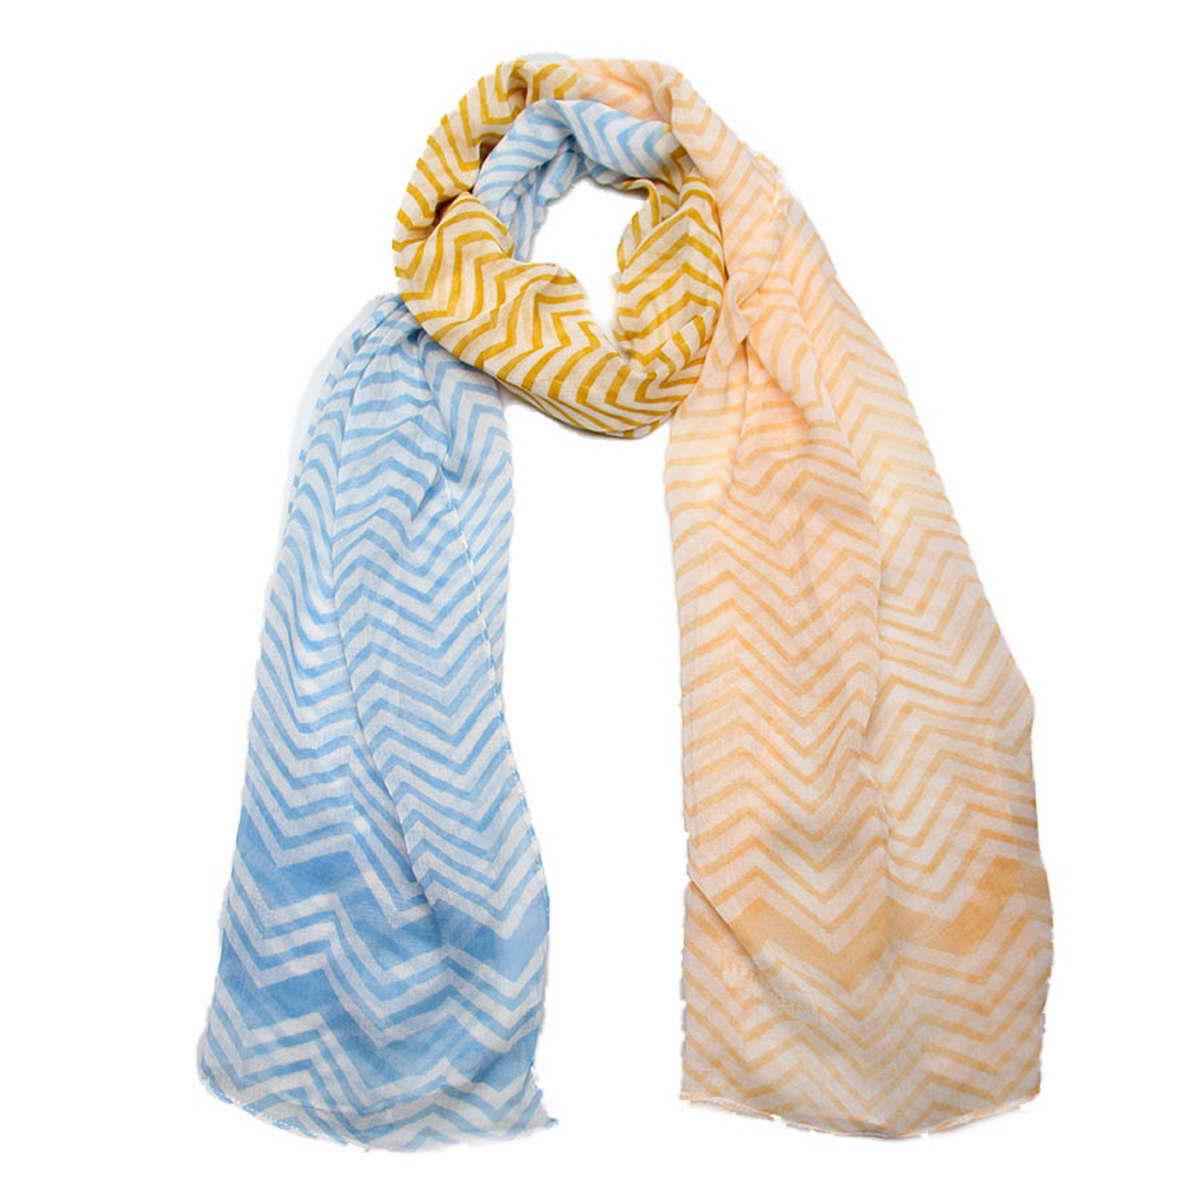 Палантин женский Passigatti, цвет: голубой, белый, оранжевый. 3409041-1. Размер 55 см х 180 см3409041-1Элегантный палантин Passigatti согреет вас в непогоду и станет достойным завершением вашего образа.Палантин изготовлен из 100% вискозы и оформлен оригинальным и модным принтом «зиг-заг». Такой палантин отлично держит форму и красиво драпируется, а как же превосходно дополнит любой ваш наряд и подчеркнет изысканный вкус.